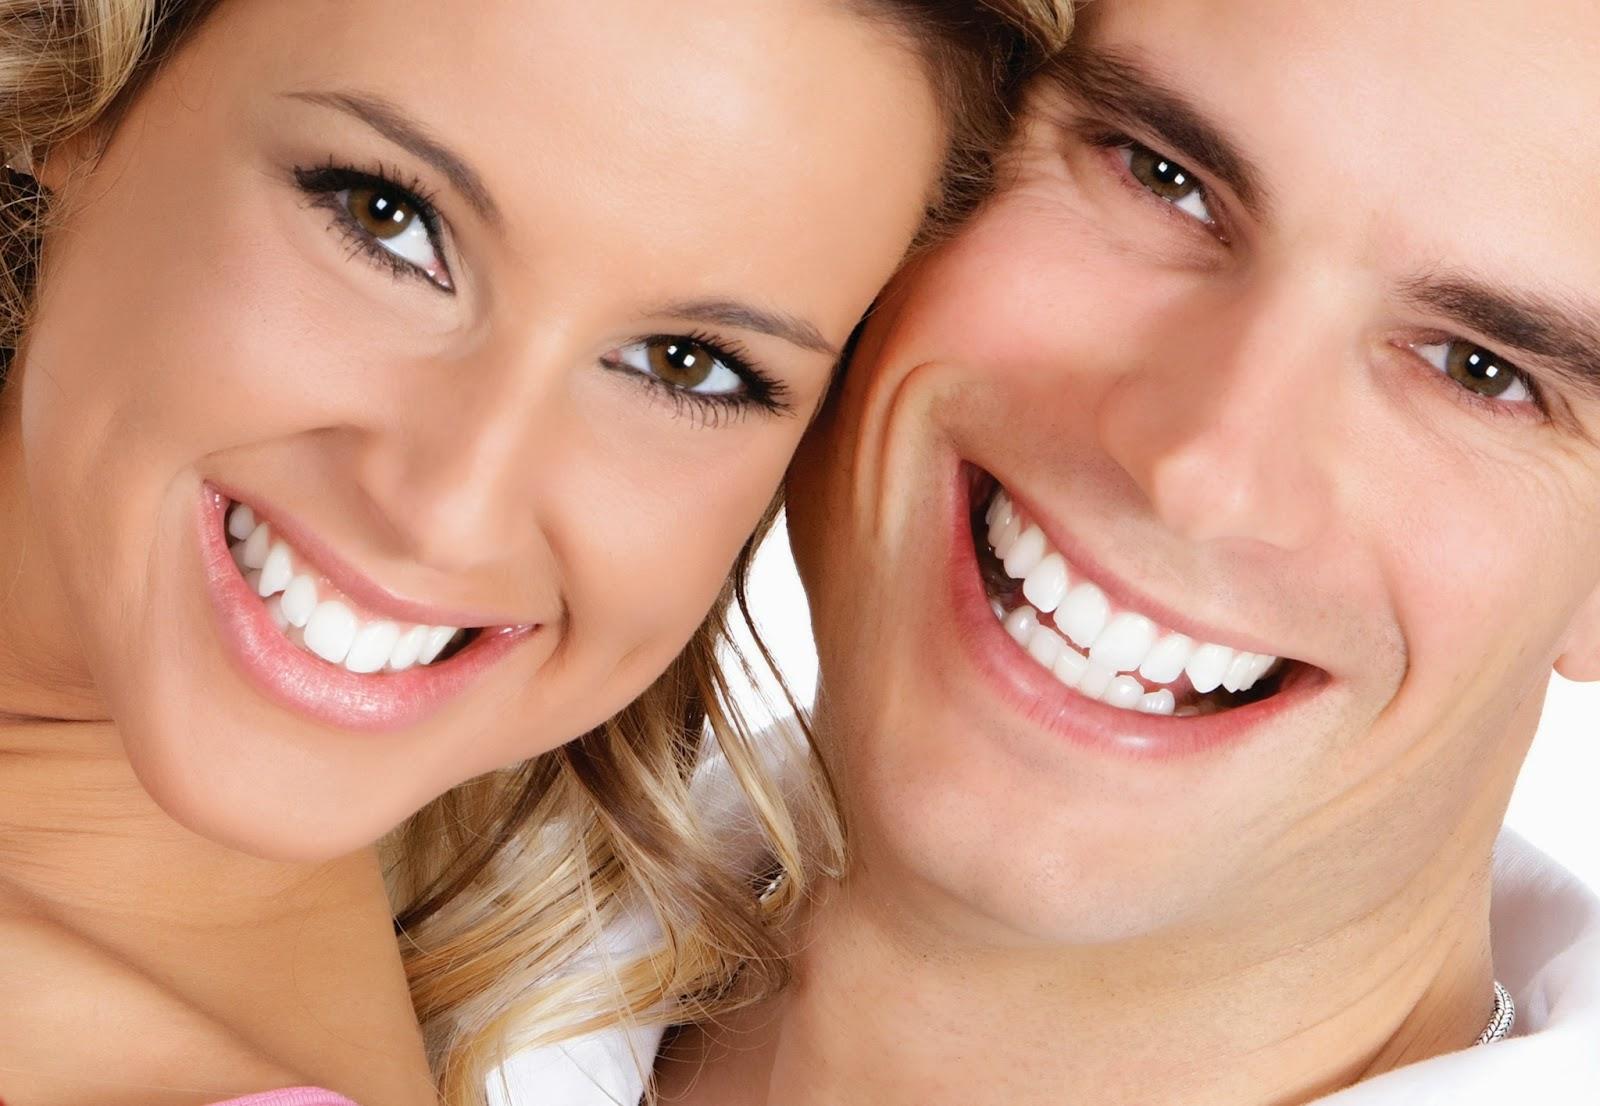 3adf25df7 O uso diário de fio dental é um componente importante na remoção da placa